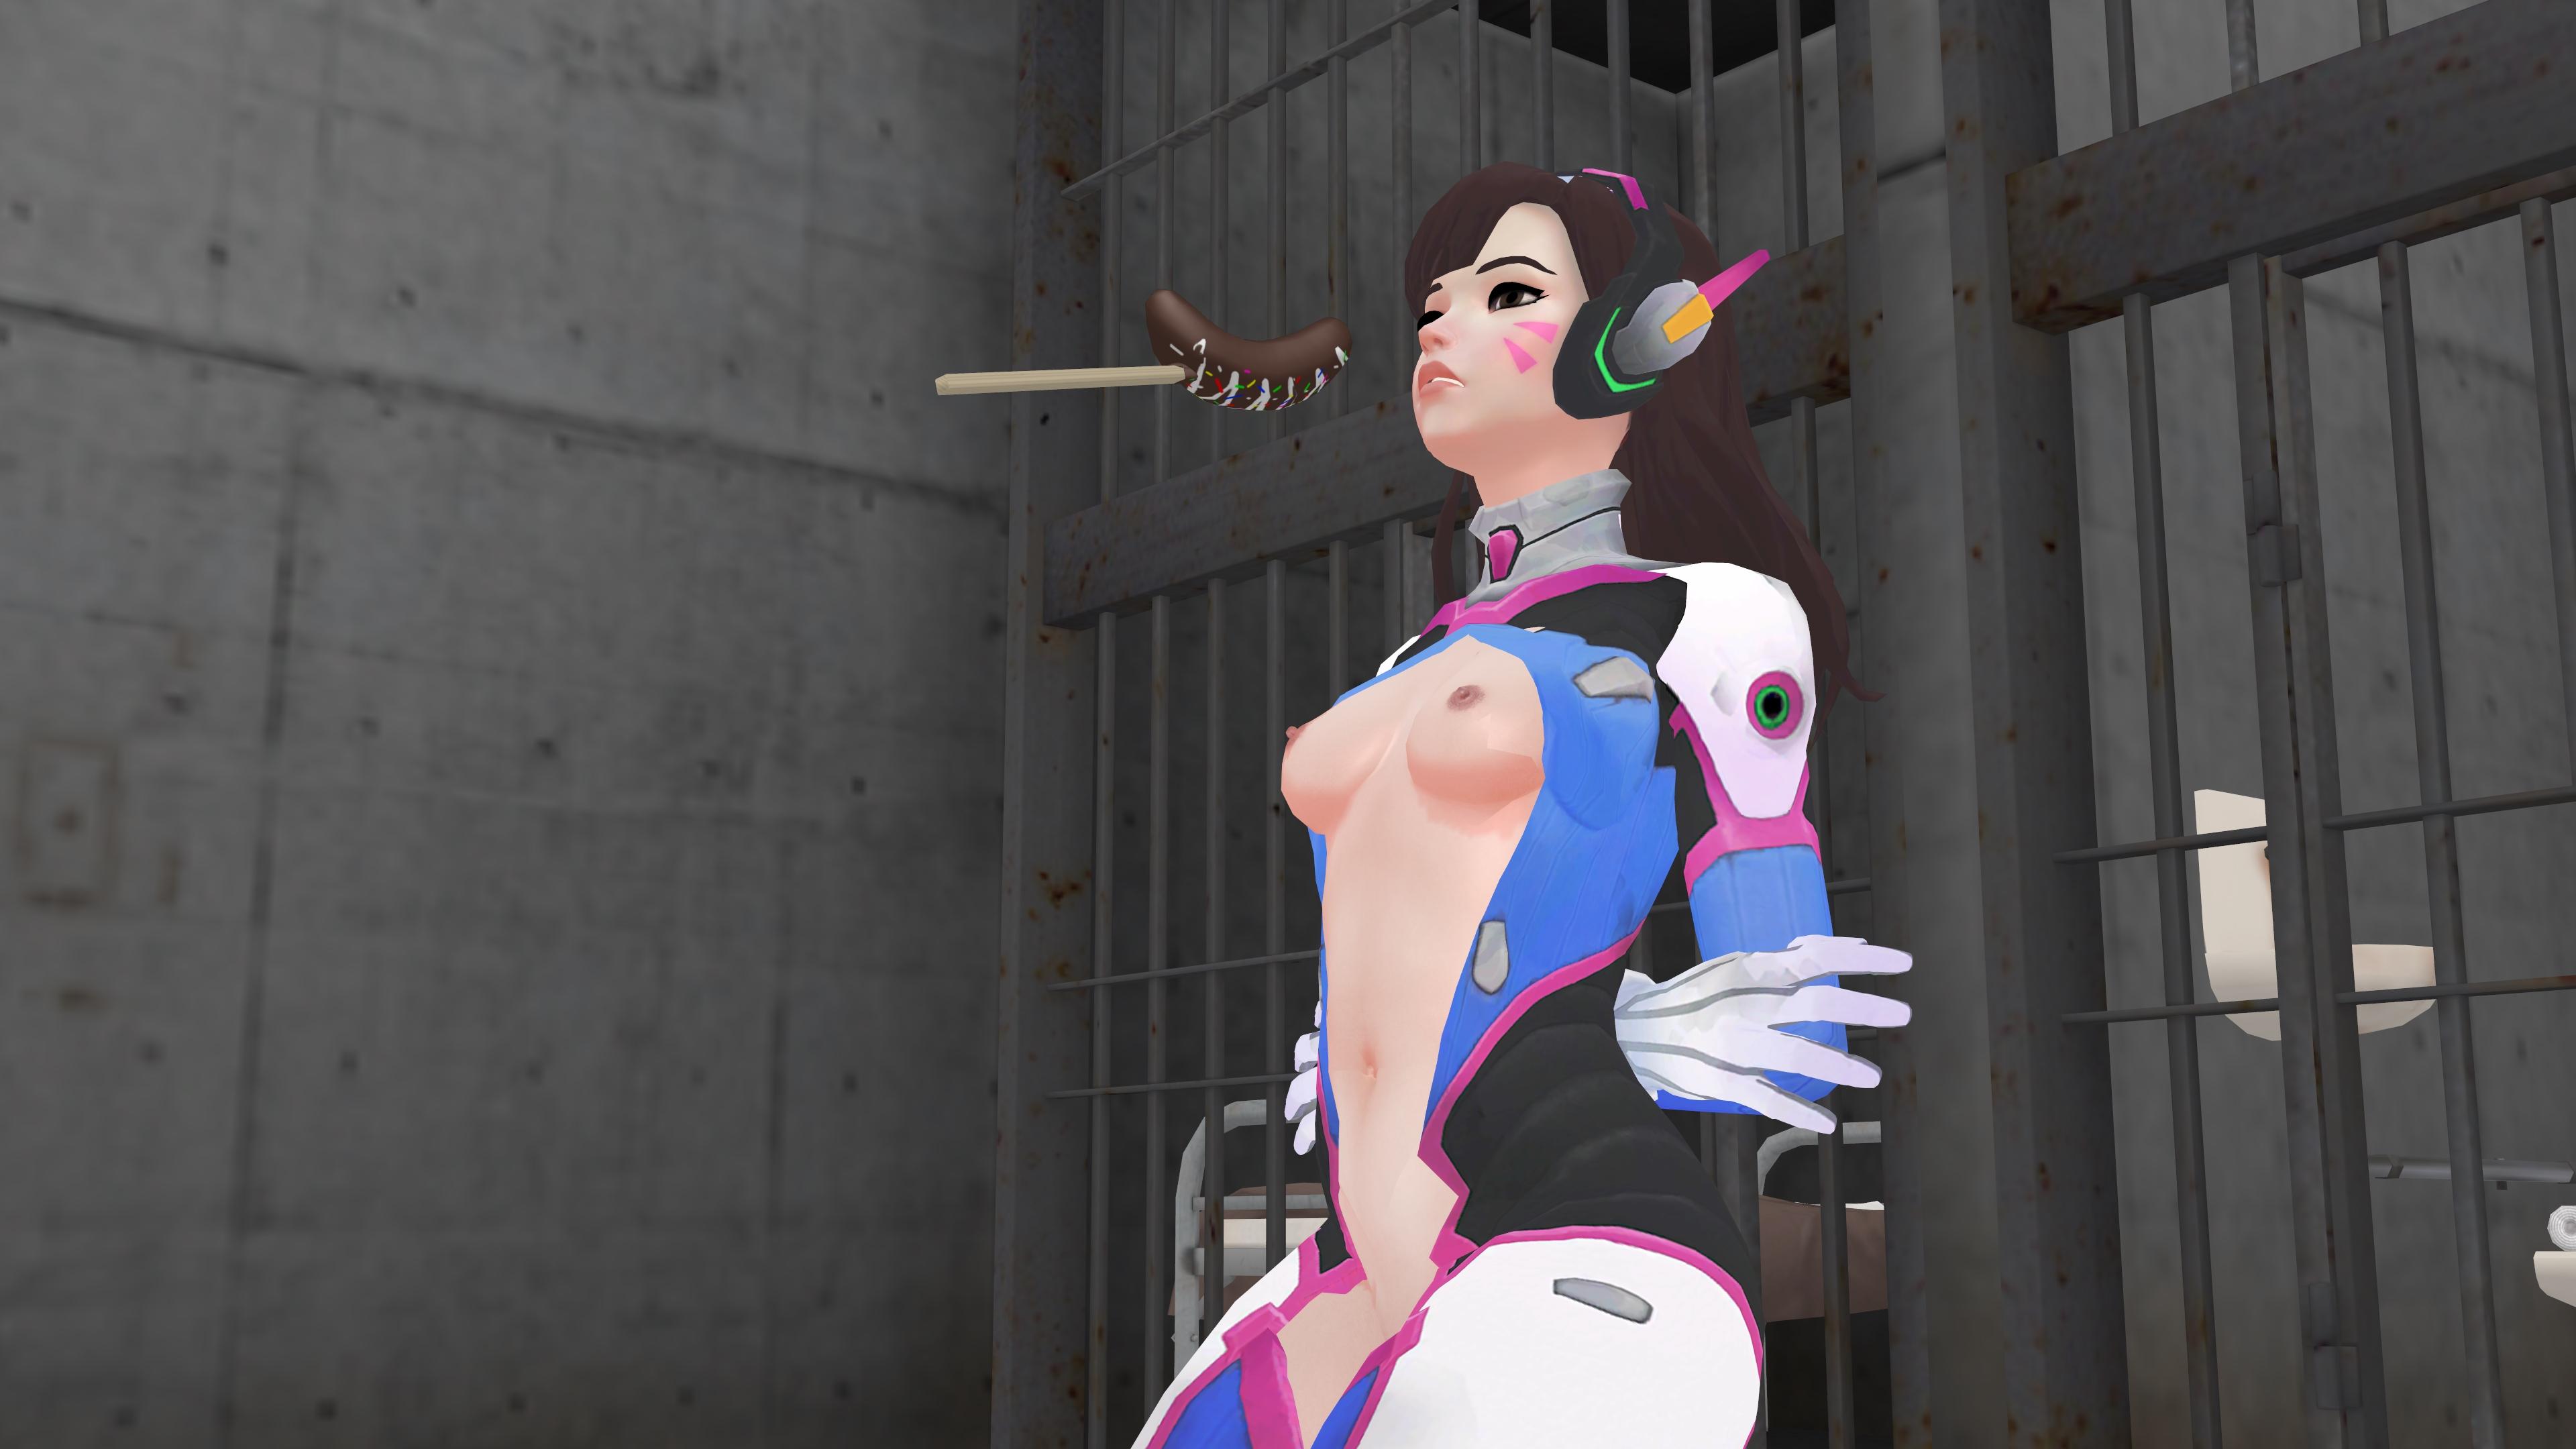 banana hentai game jpg 1500x1000